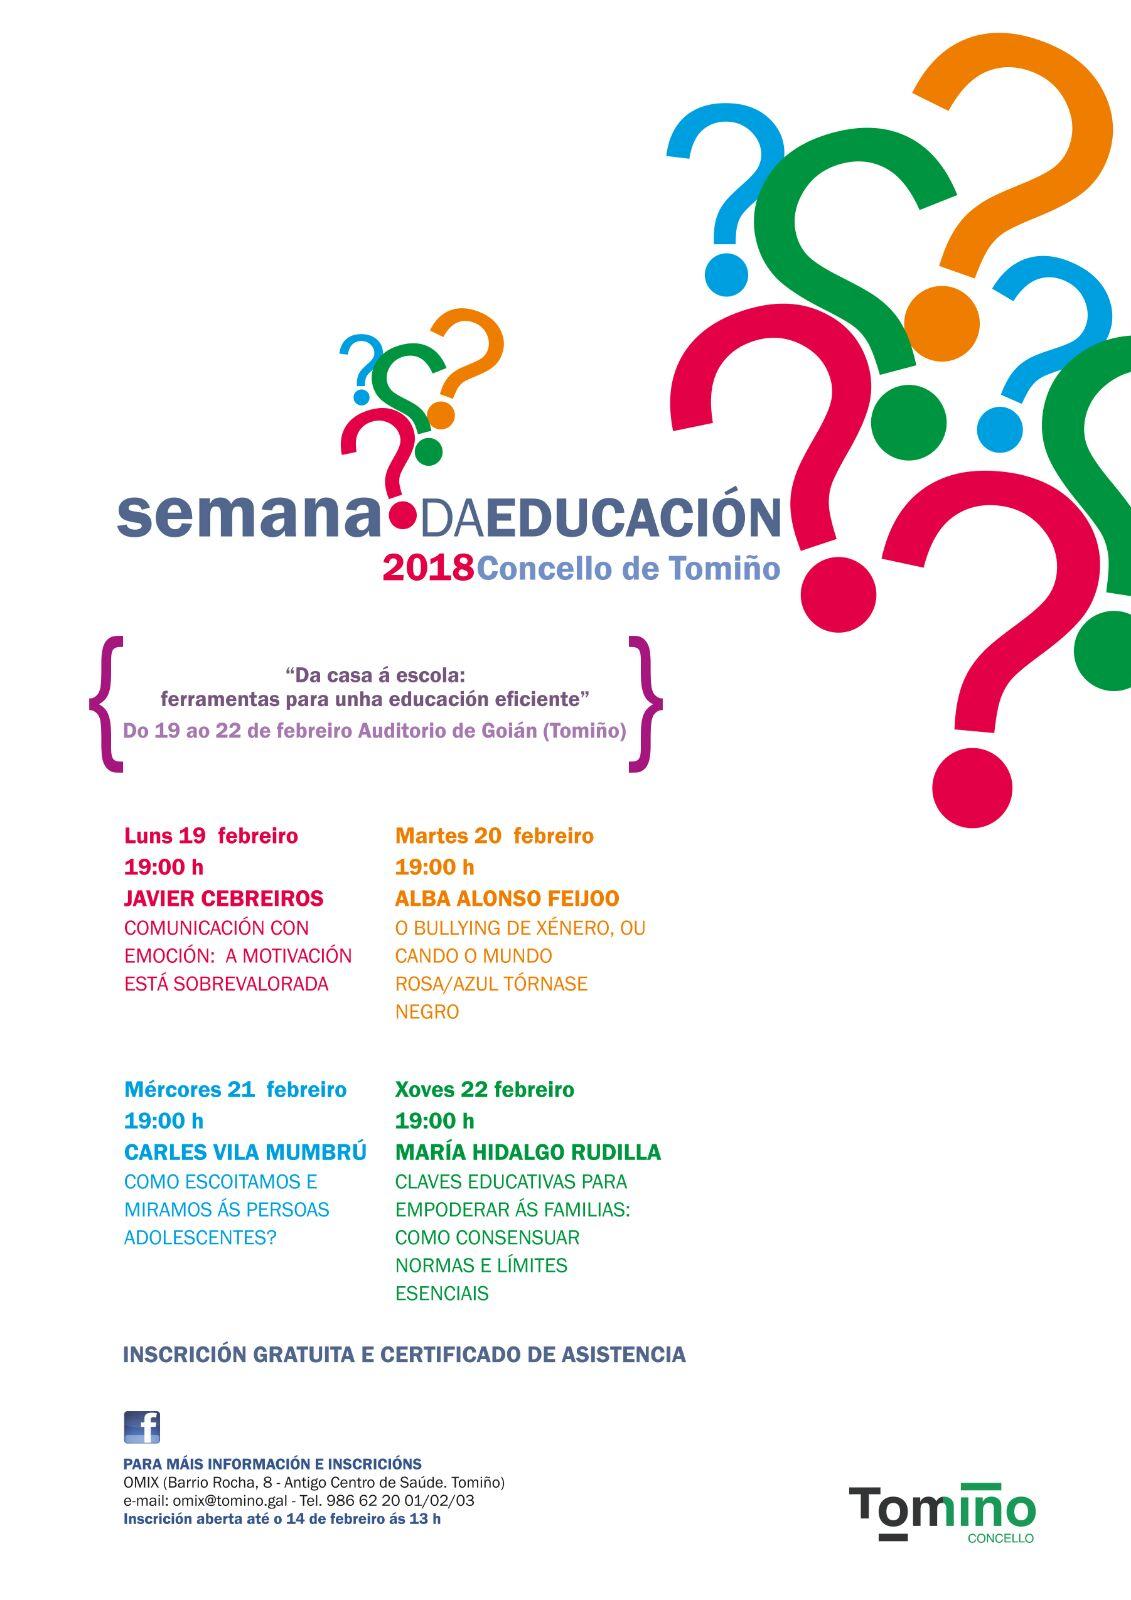 Semana De La Educación Tomiño 2018